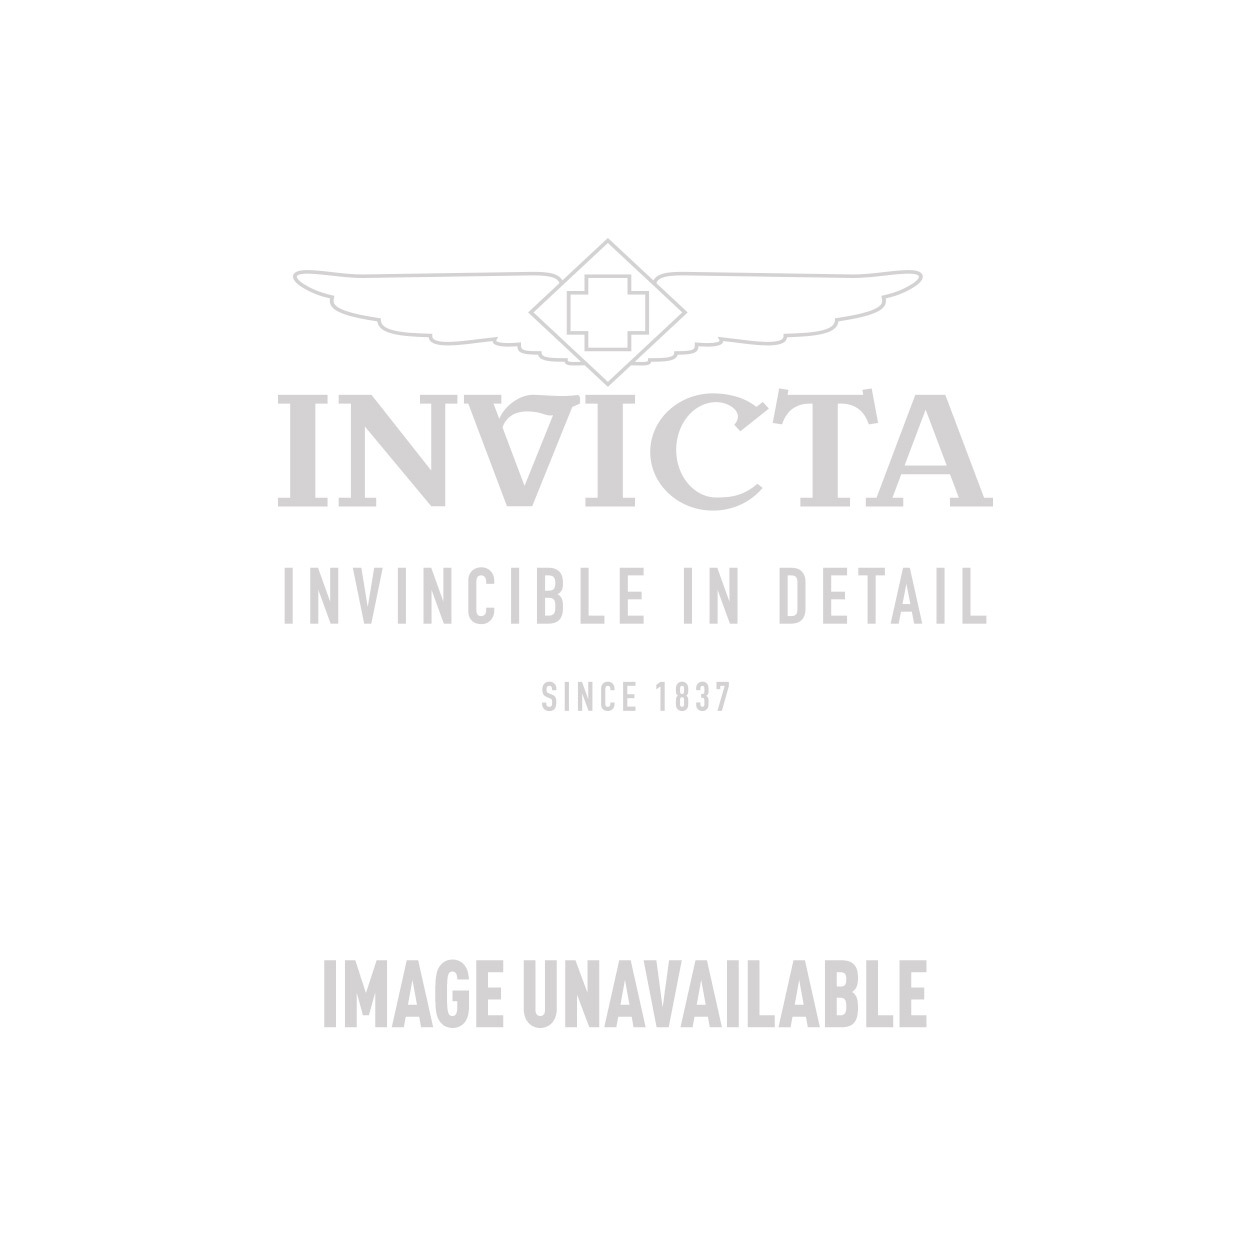 Invicta Model 28108